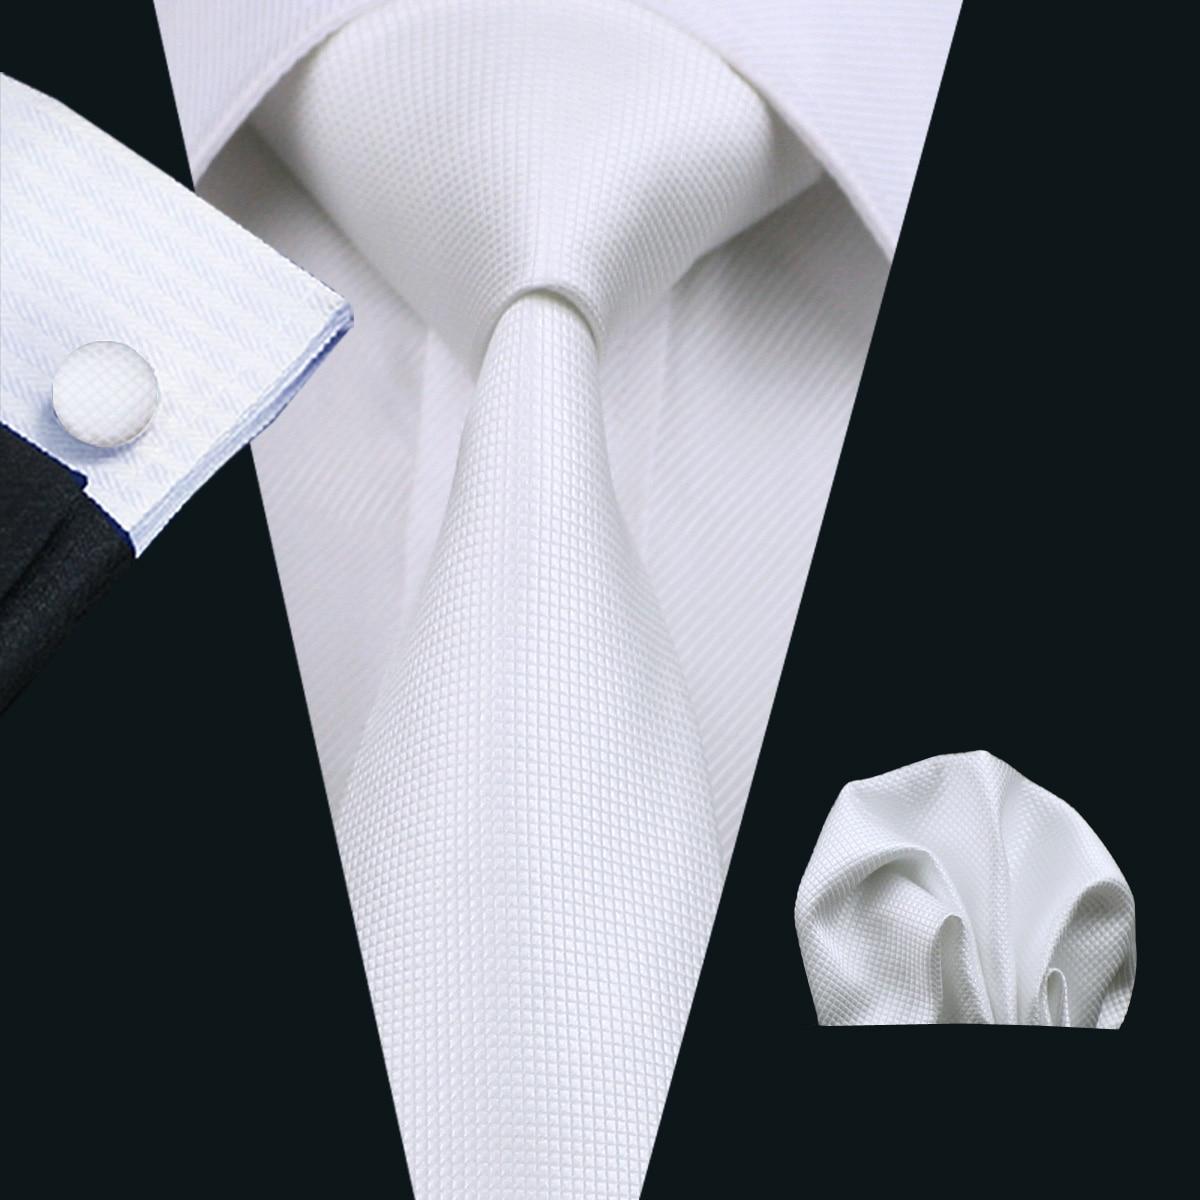 Дизайн мужской галстук белый сплошной равномерный цвет шелковый галстук наборы галстуки для мужчин gravata для Свадебное торжество деловая встреча FA-341